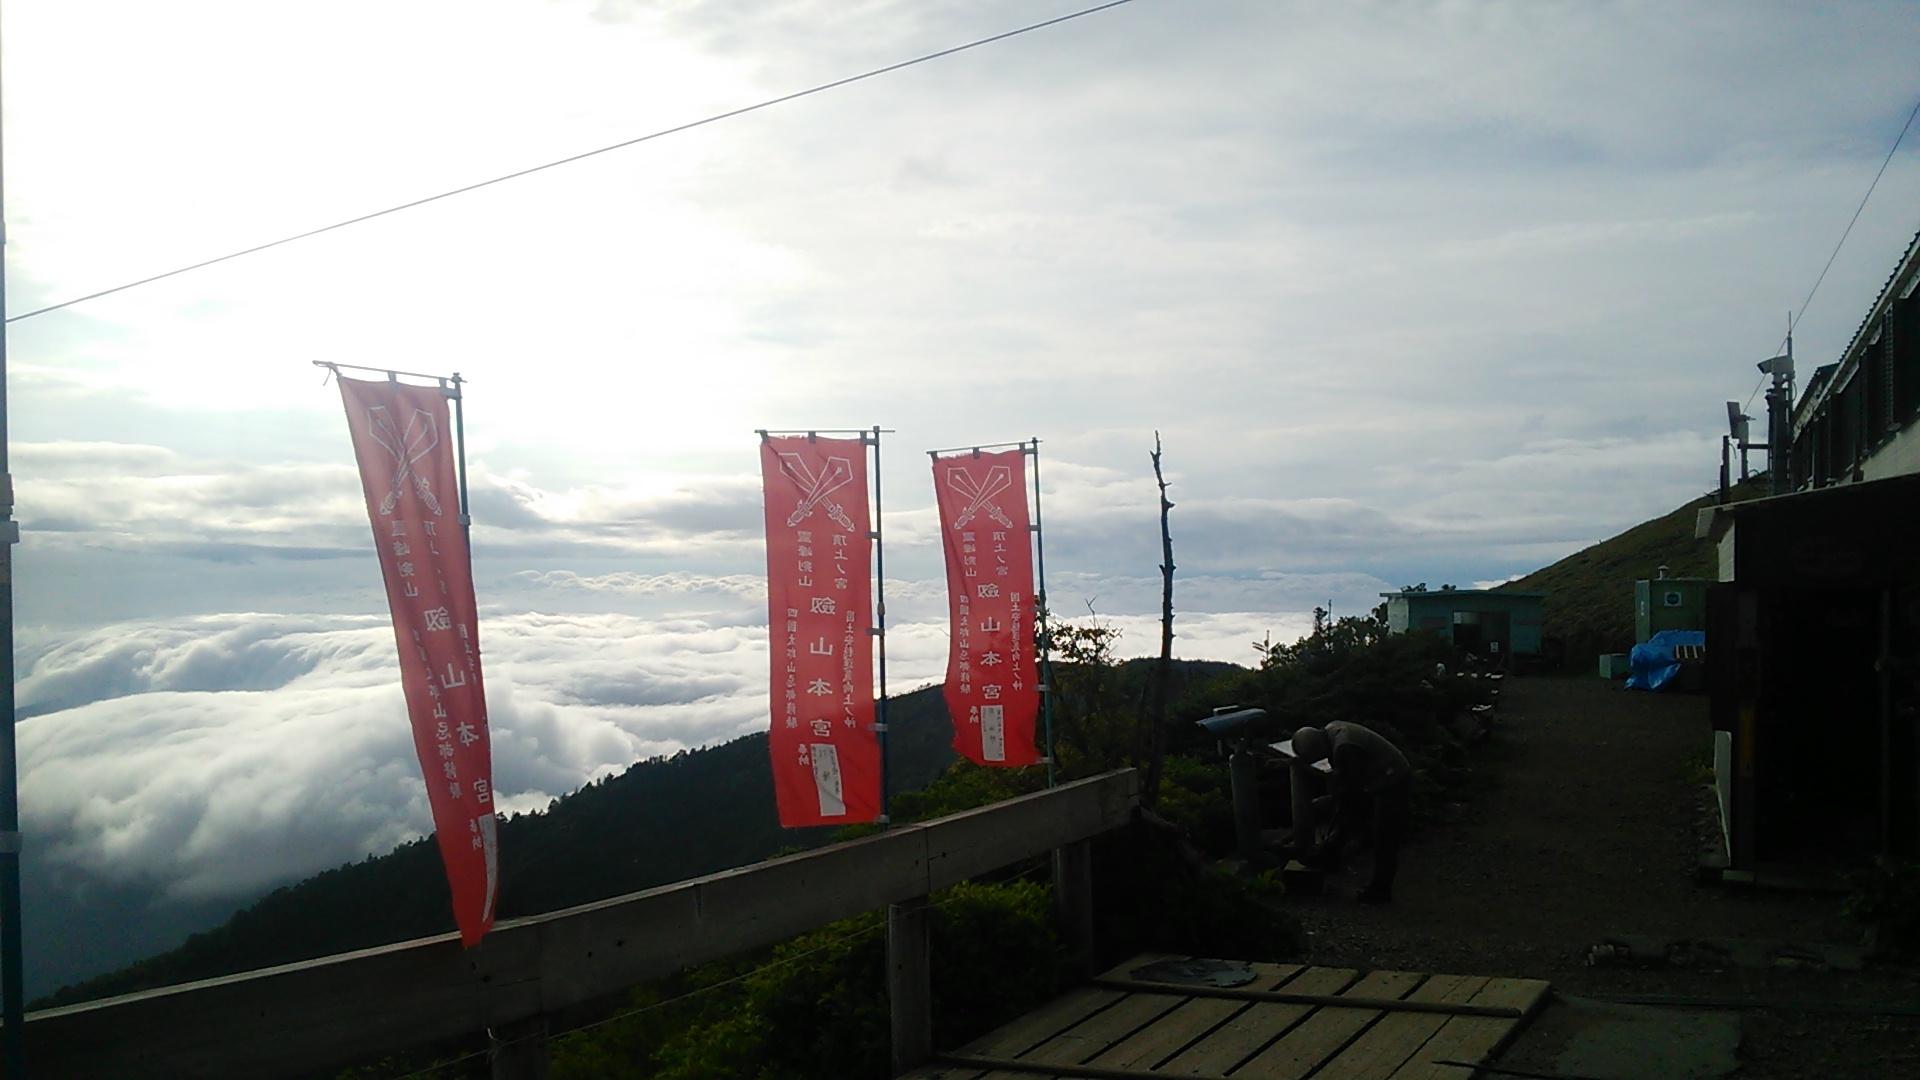 6月12日 朝の気温12度。現在 日が射しています。梅雨の間のめっけものです。_c0089831_6423241.jpg